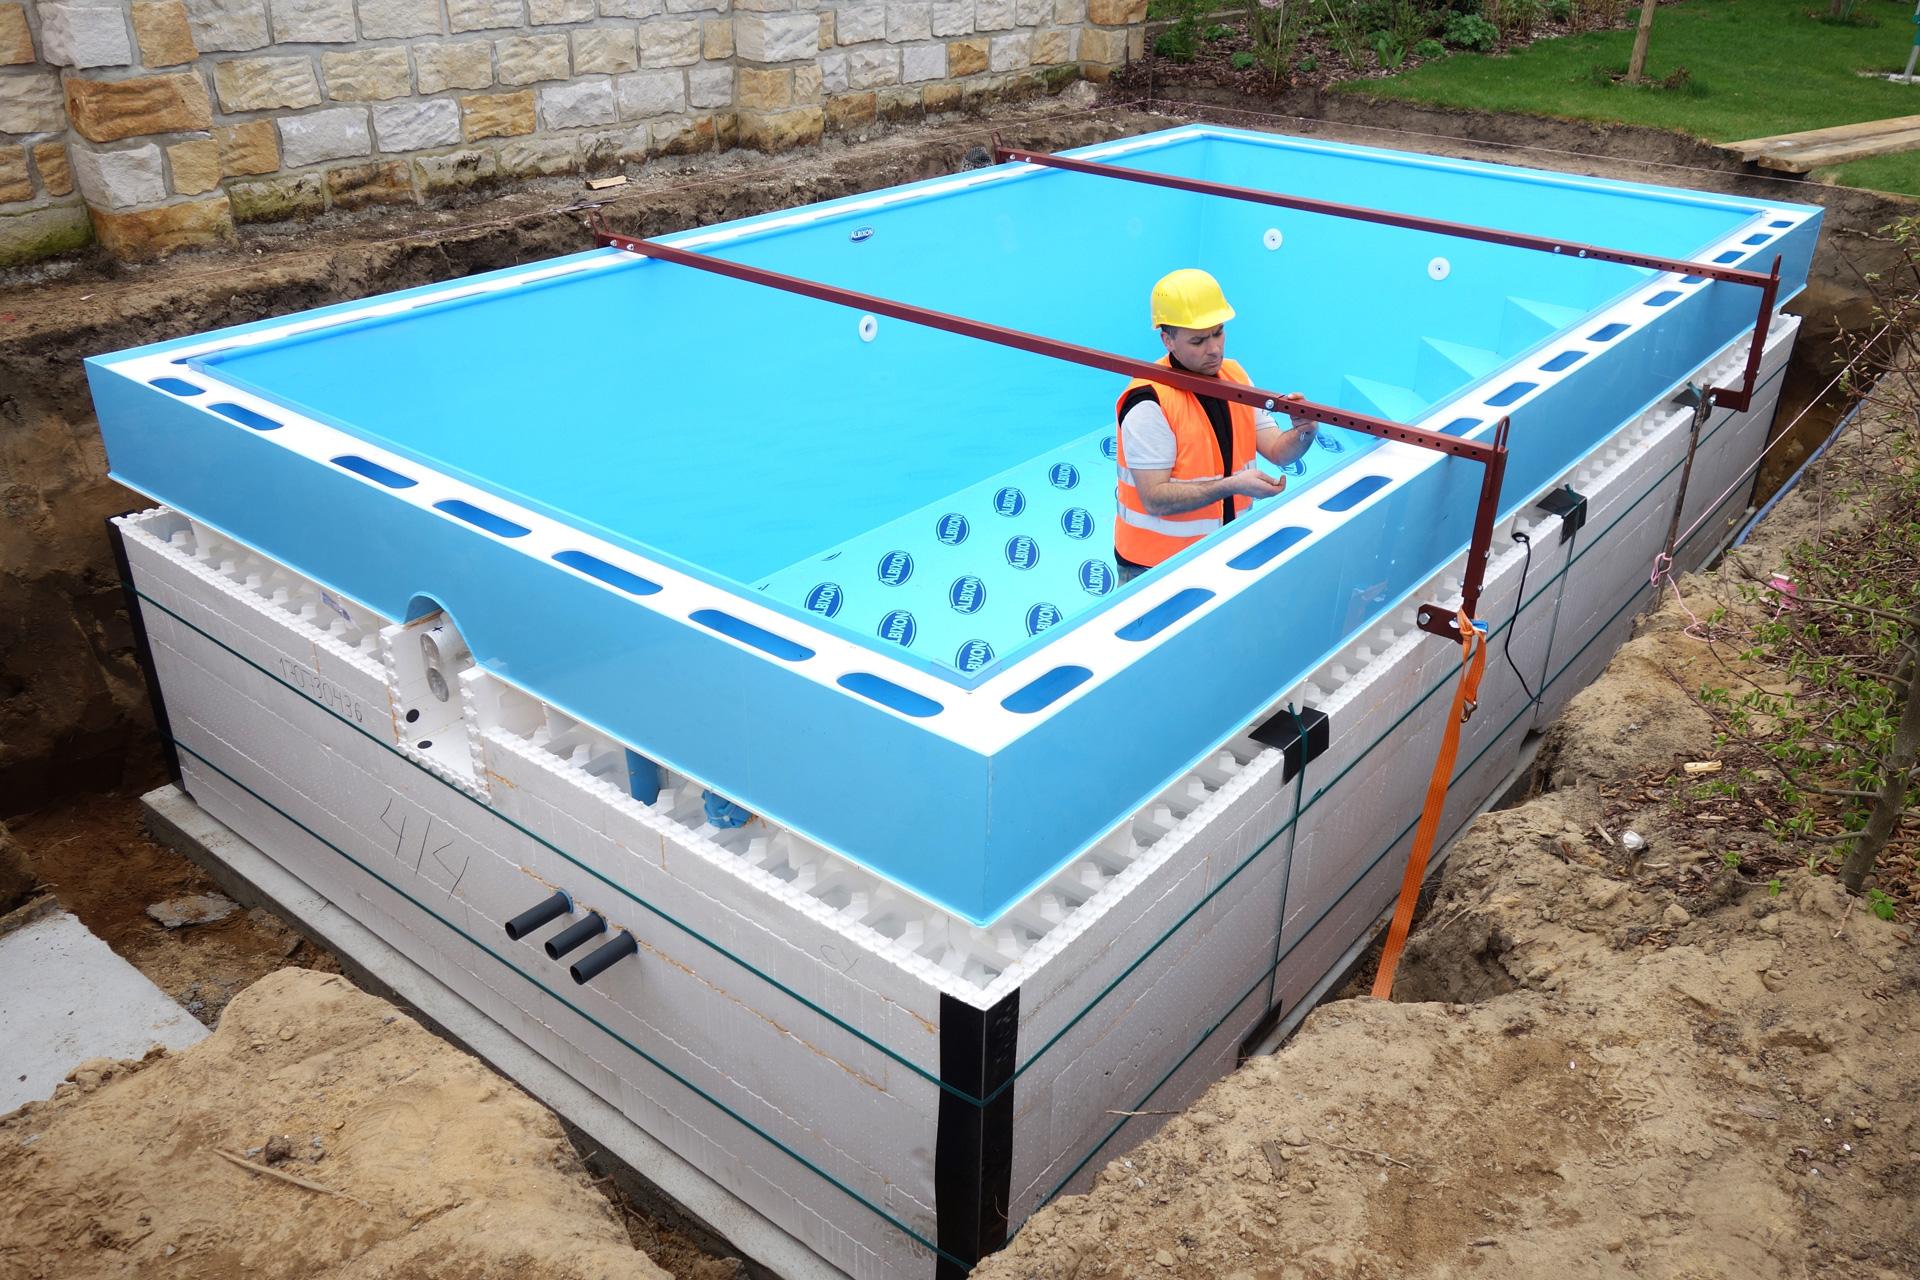 Fertigschwimmbecken aus polypropylen pp becken gfk pool for Schwimmbecken kunststoff